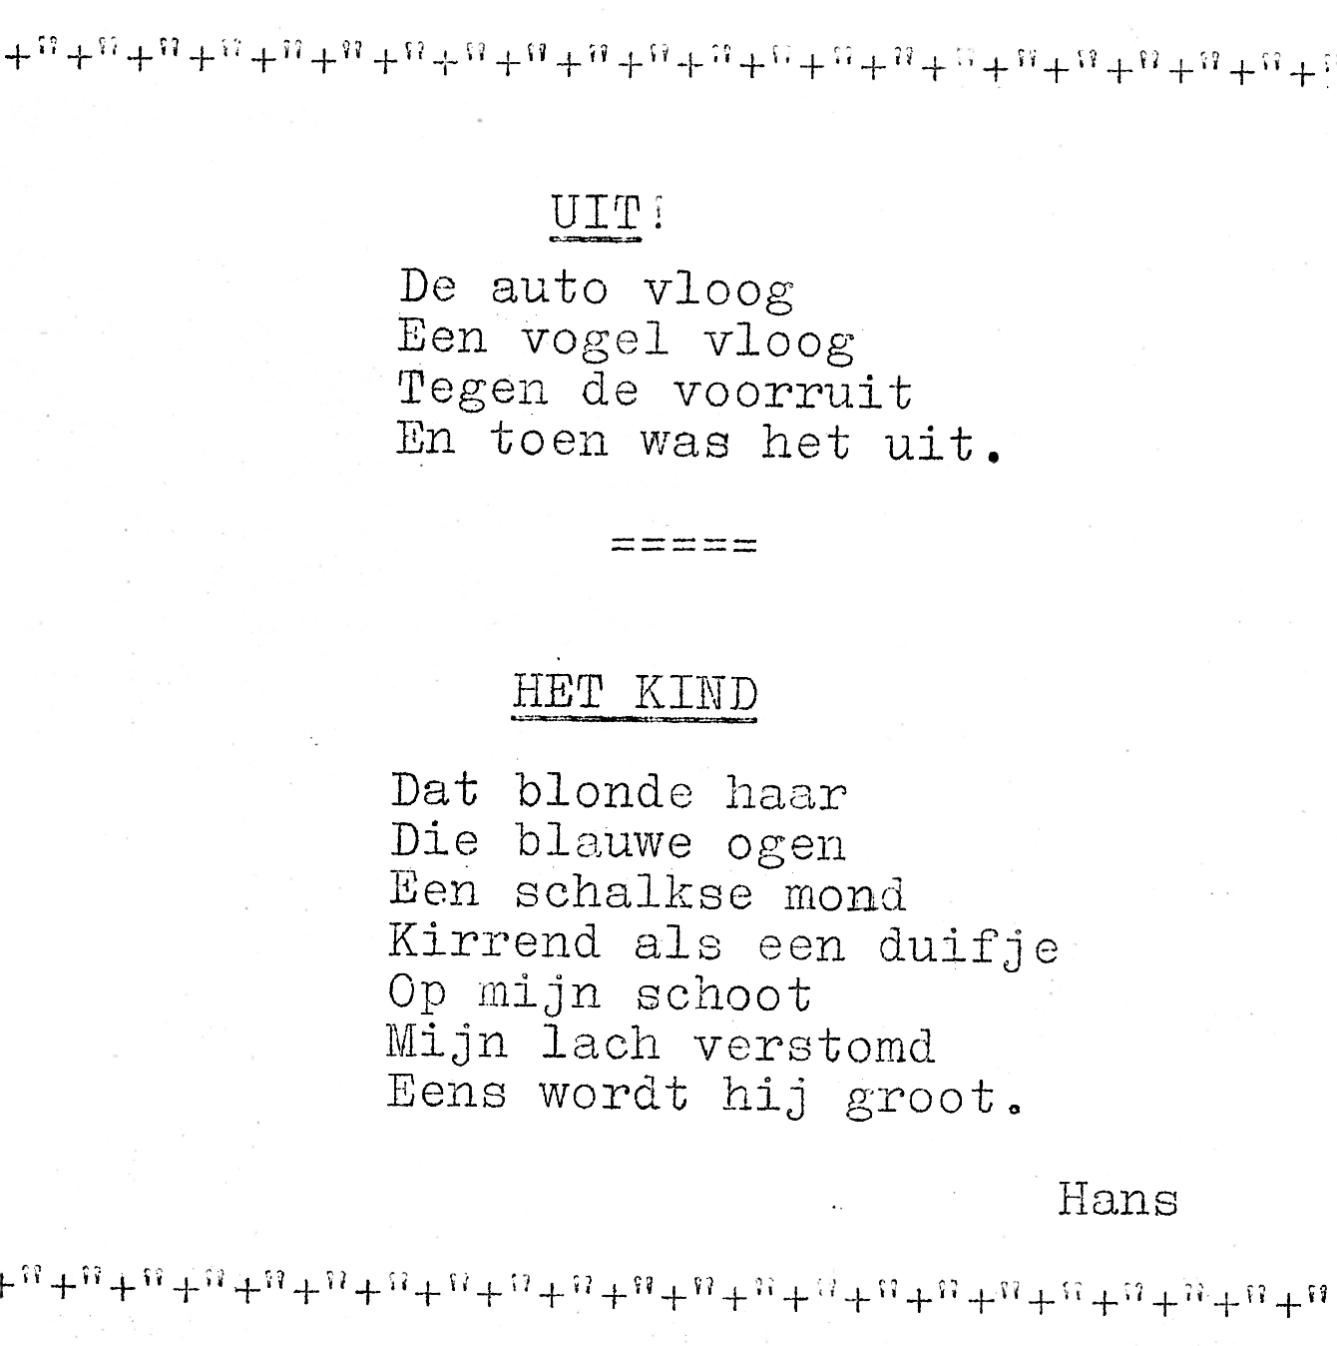 40 jarig dienstjubileum gedicht 40 Jarig Jubileum Werk Speech   ARCHIDEV 40 jarig dienstjubileum gedicht